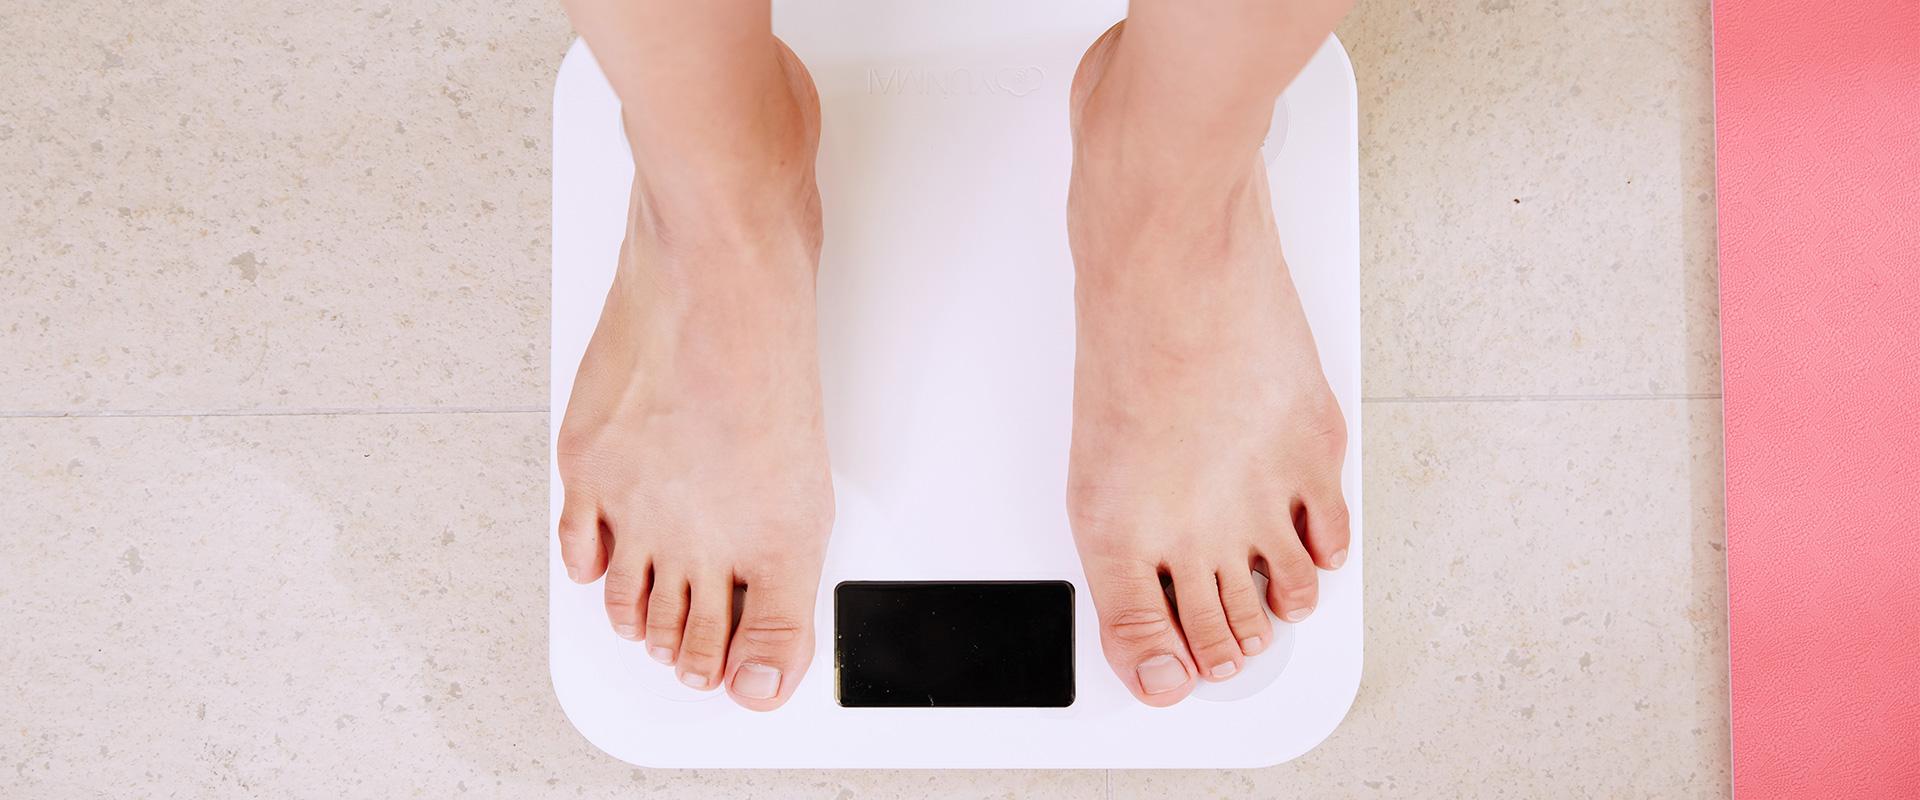 El mite de la dieta